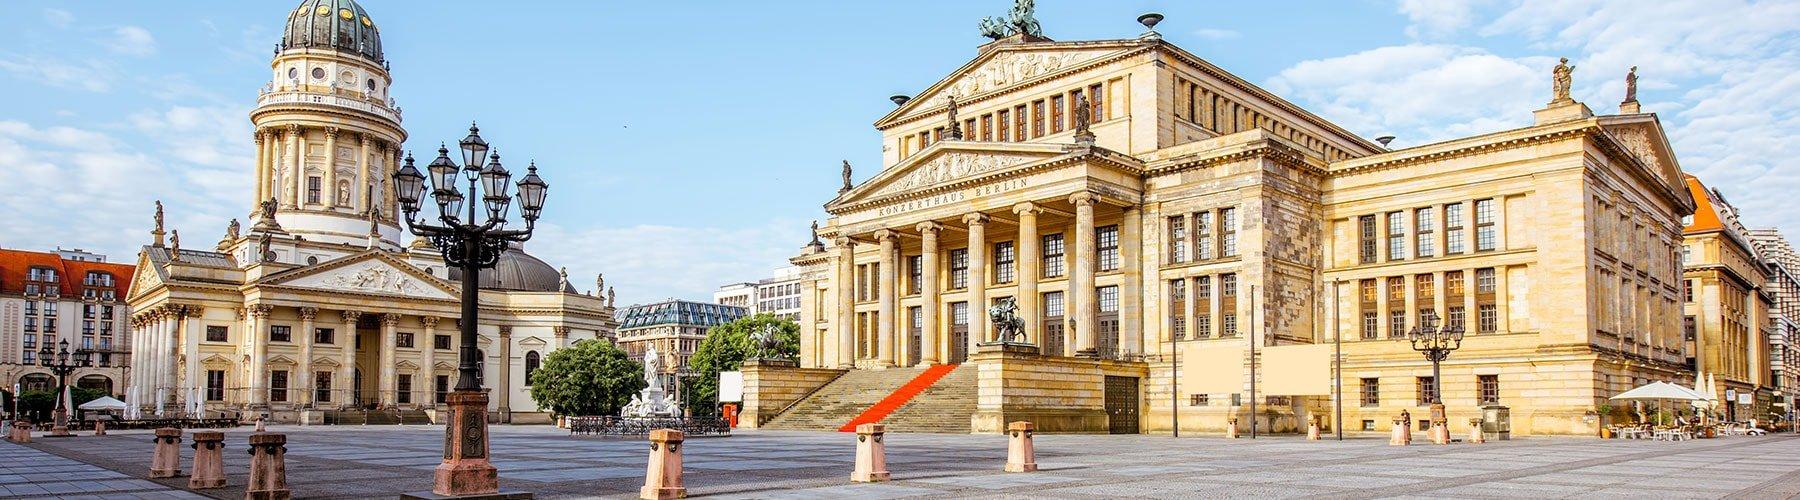 La place du Gendarmenmarkt à Berlin